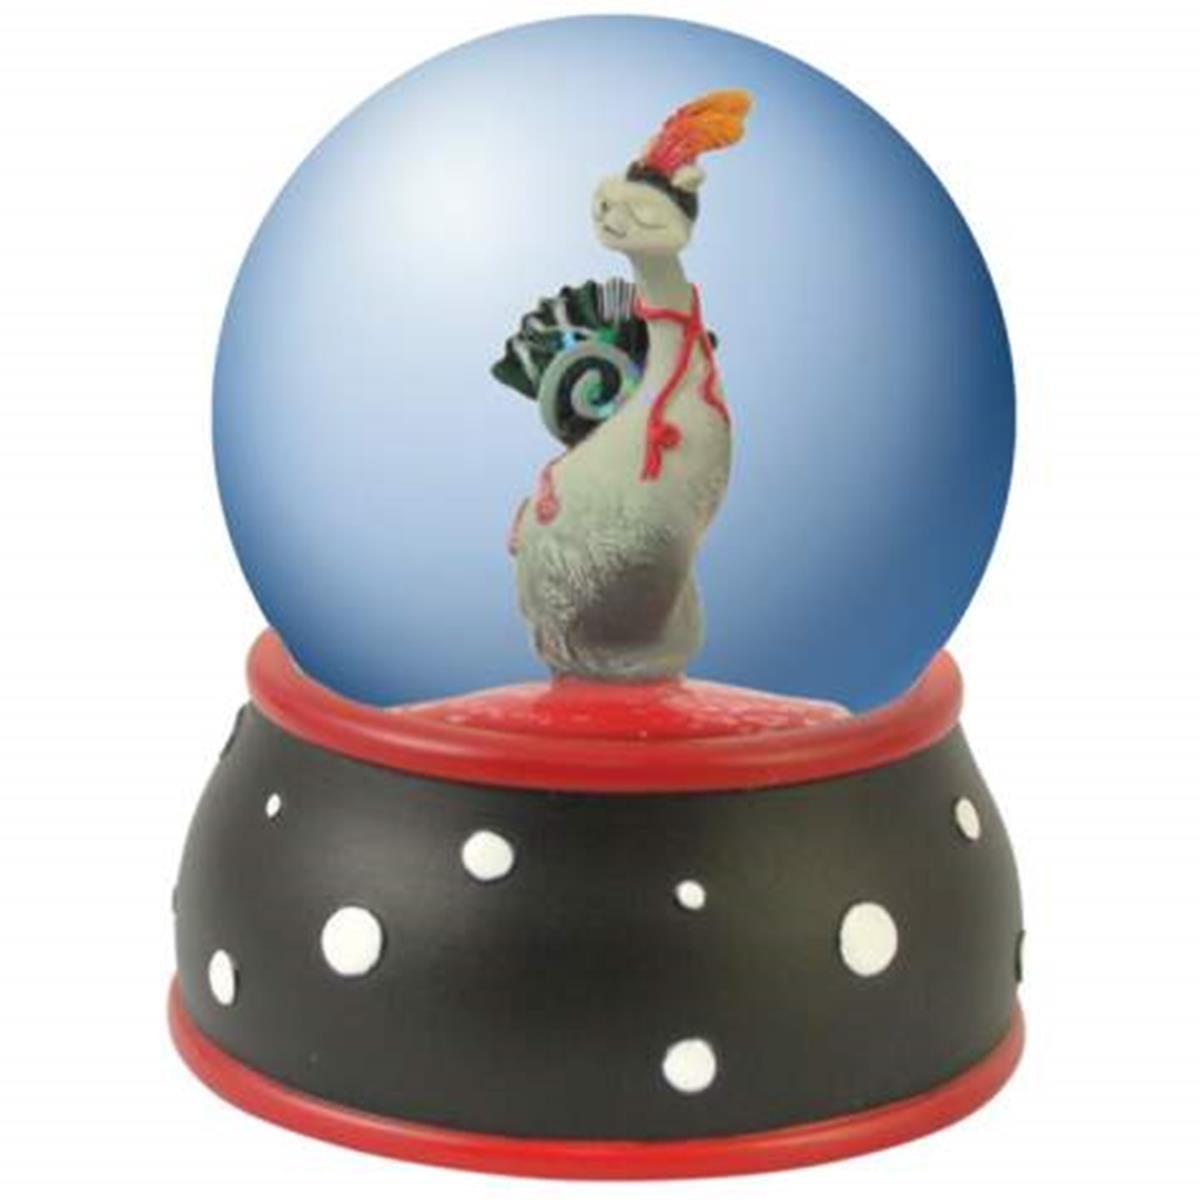 人気特価 WL Cat mm ss-wl-20915テーマWater Globe with Globe Cat Holdingブラック中国ファン、65 mm B008A7C1YI, ミセスファッション 織美屋:11738242 --- arianechie.dominiotemporario.com